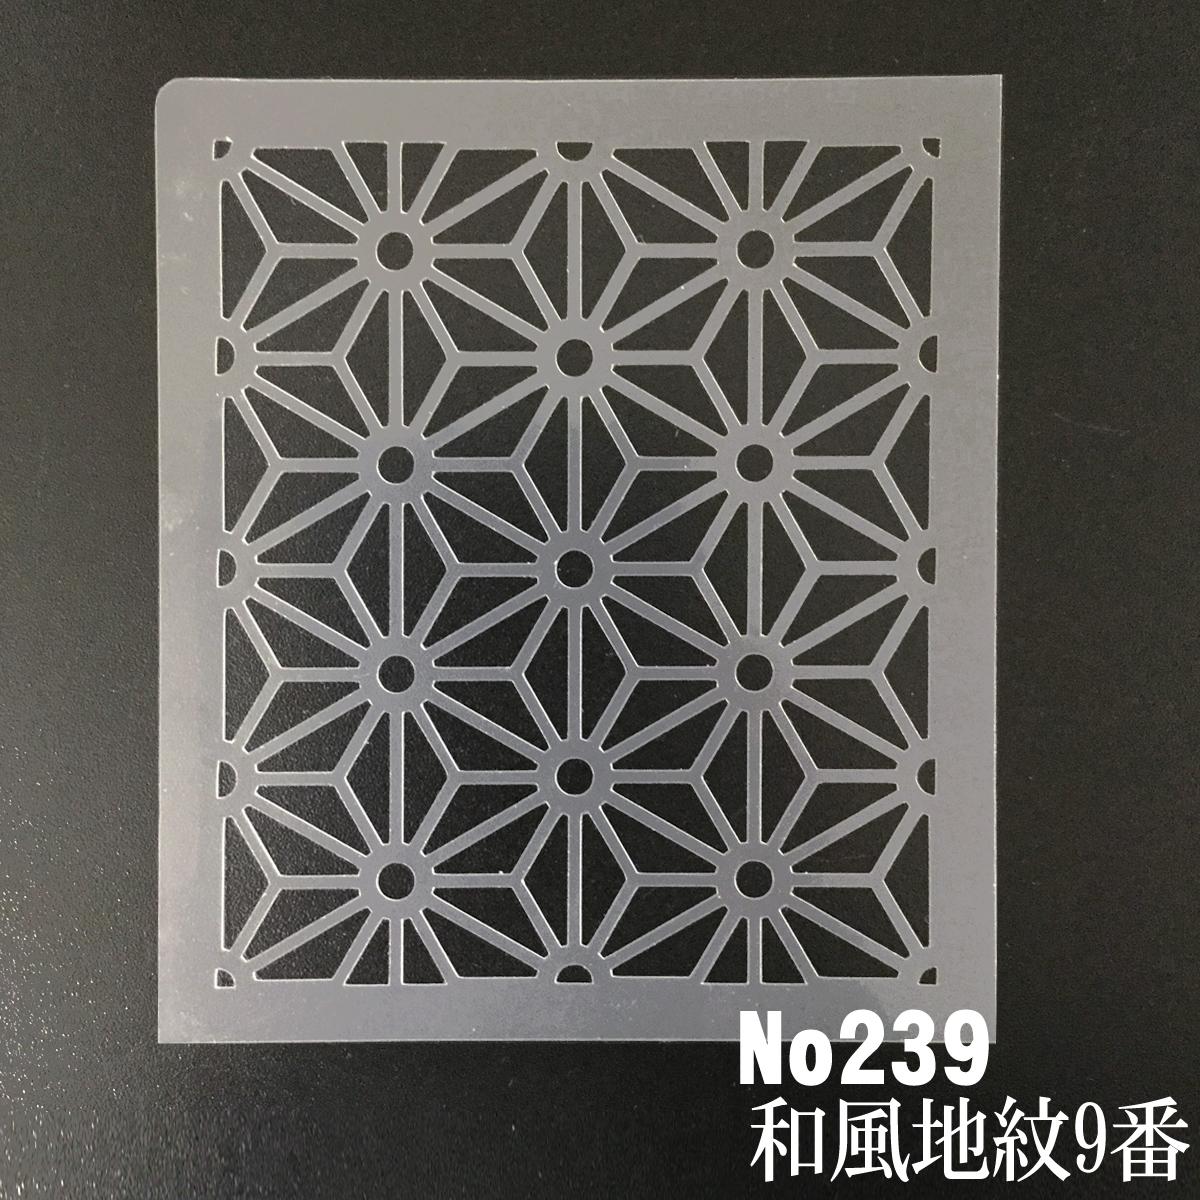 麻の葉模様A 和風地紋9番  ステンシルシート 型紙図案 NO239_画像2